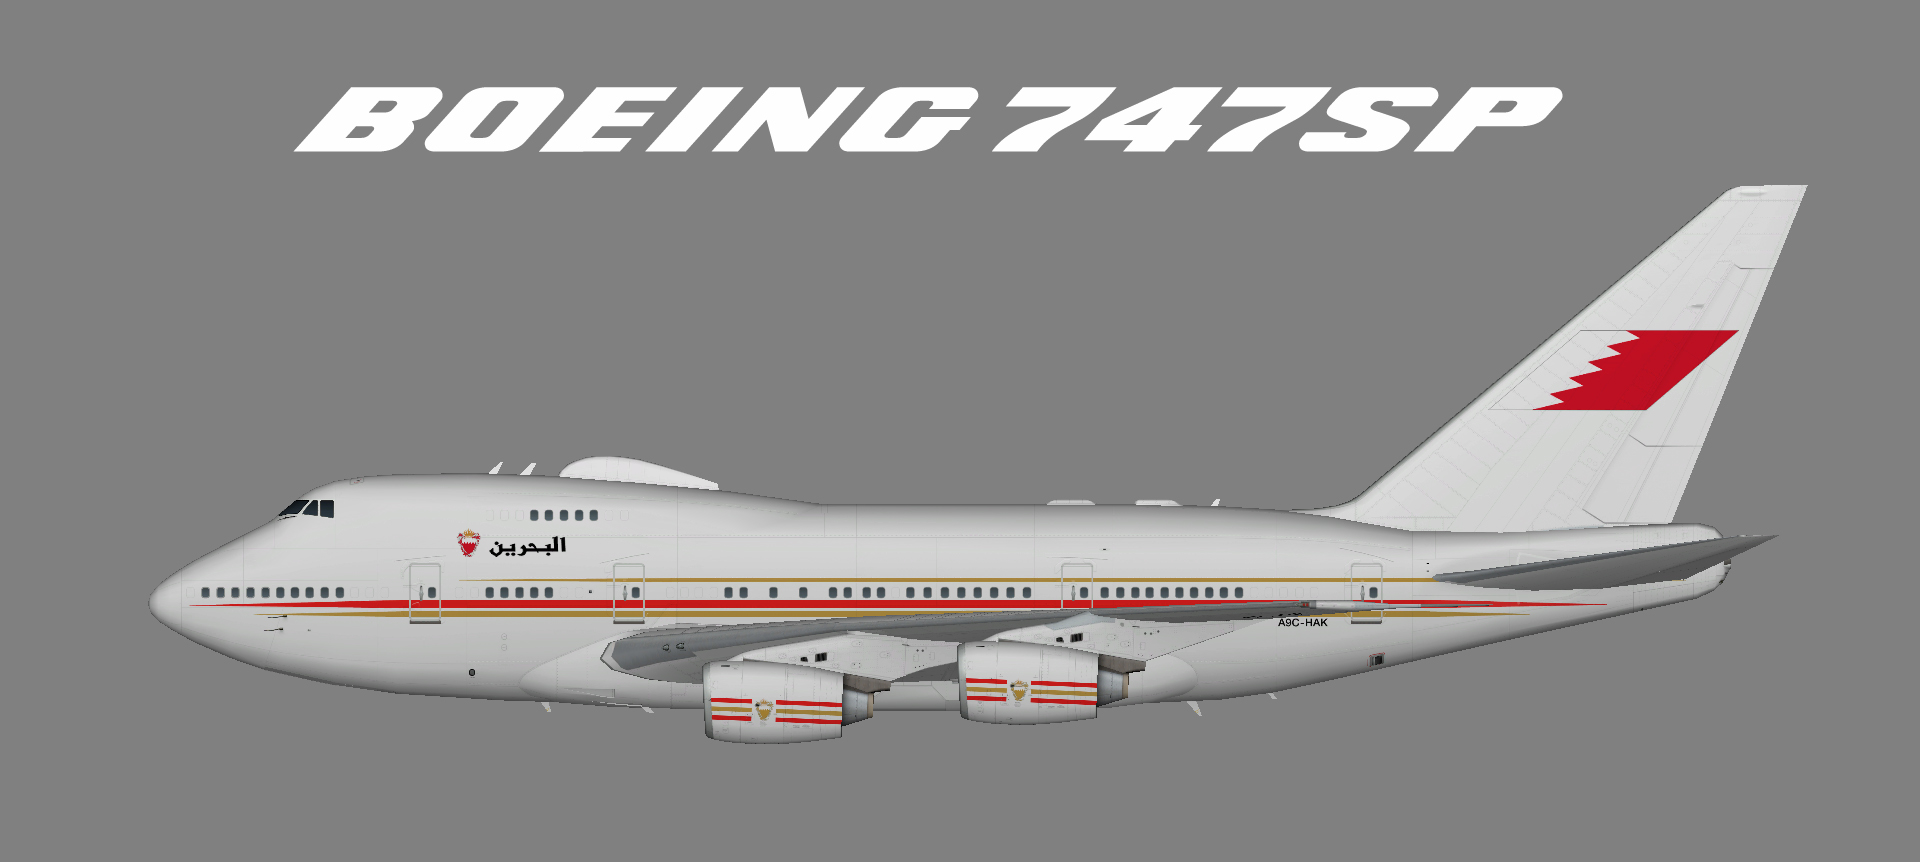 Bahrain Royal Flight 747SP